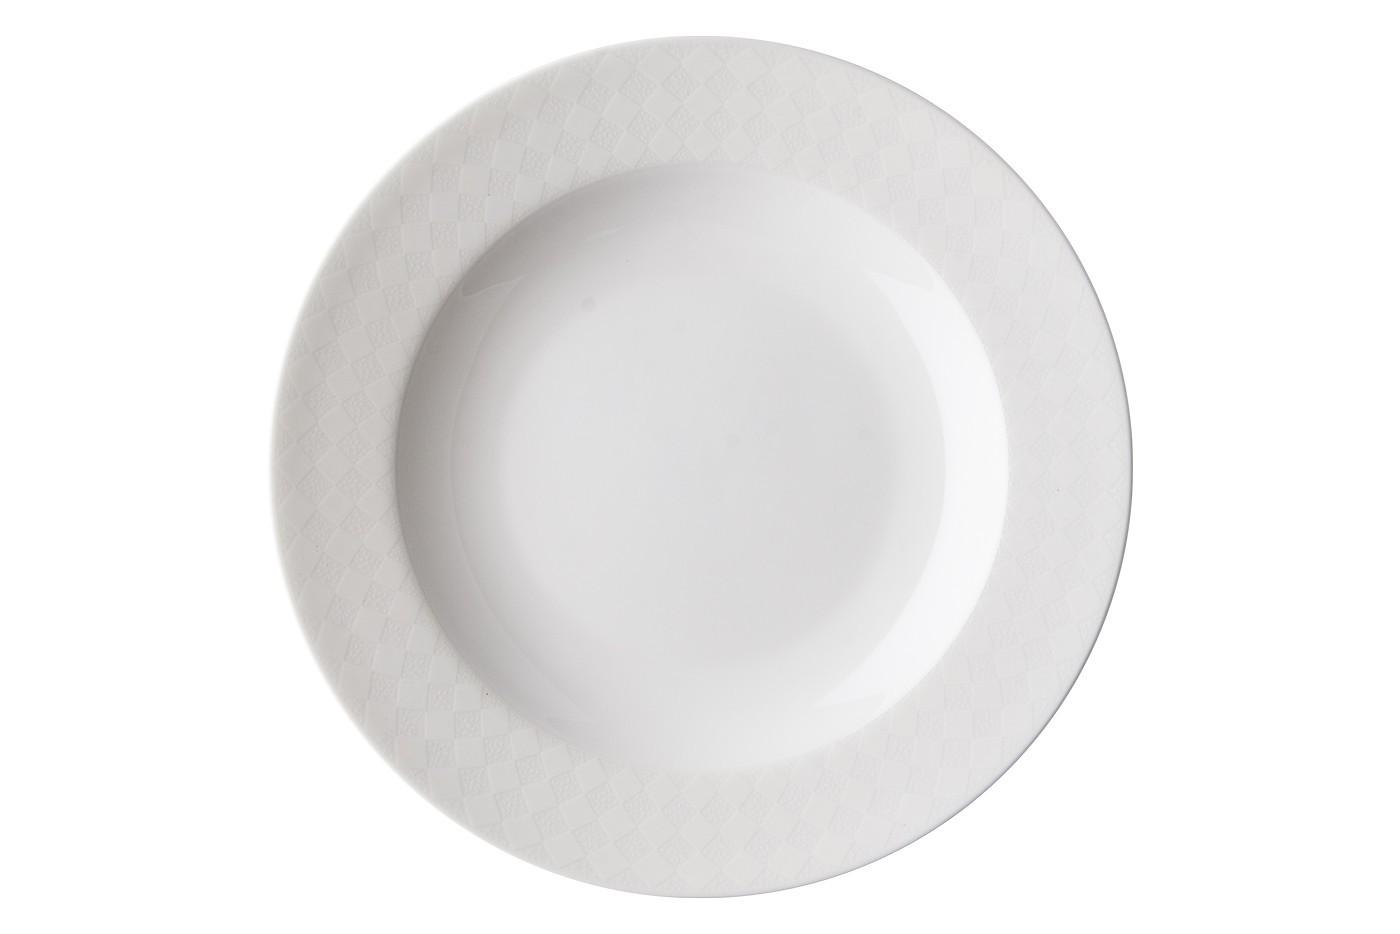 Набор из 6 тарелок Royal Aurel Честер (20см) арт.534Наборы тарелок<br>Набор из 6 тарелок Royal Aurel Честер (20см) арт.534<br>Производить посуду из фарфора начали в Китае на стыке 6-7 веков. Неустанно совершенствуя и селективно отбирая сырье для производства посуды из фарфора, мастерам удалось добиться выдающихся характеристик фарфора: белизны и тонкостенности. В XV веке появился особый интерес к китайской фарфоровой посуде, так как в это время Европе возникла мода на самобытные китайские вещи. Роскошный китайский фарфор являлся изыском и был в новинку, поэтому он выступал в качестве подарка королям, а также знатным людям. Такой дорогой подарок был очень престижен и по праву являлся элитной посудой. Как известно из многочисленных исторических документов, в Европе китайские изделия из фарфора ценились практически как золото. <br>Проверка изделий из костяного фарфора на подлинность <br>По сравнению с производством других видов фарфора процесс производства изделий из настоящего костяного фарфора сложен и весьма длителен. Посуда из изящного фарфора - это элитная посуда, которая всегда ассоциируется с богатством, величием и благородством. Несмотря на небольшую толщину, фарфоровая посуда - это очень прочное изделие. Для демонстрации плотности и прочности фарфора можно легко коснуться предметов посуды из фарфора деревянной палочкой, и тогда мы услушим характерный металлический звон. В составе фарфоровой посуды присутствует костяная зола, благодаря чему она может быть намного тоньше (не более 2,5 мм) и легче твердого или мягкого фарфора. Безупречная белизна - ключевой признак отличия такого фарфора от других. Цвет обычного фарфора сероватый или ближе к голубоватому, а костяной фарфор будет всегда будет молочно-белого цвета. Характерная и немаловажная деталь - это невесомая прозрачность изделий из фарфора такая, что сквозь него проходит свет.<br>